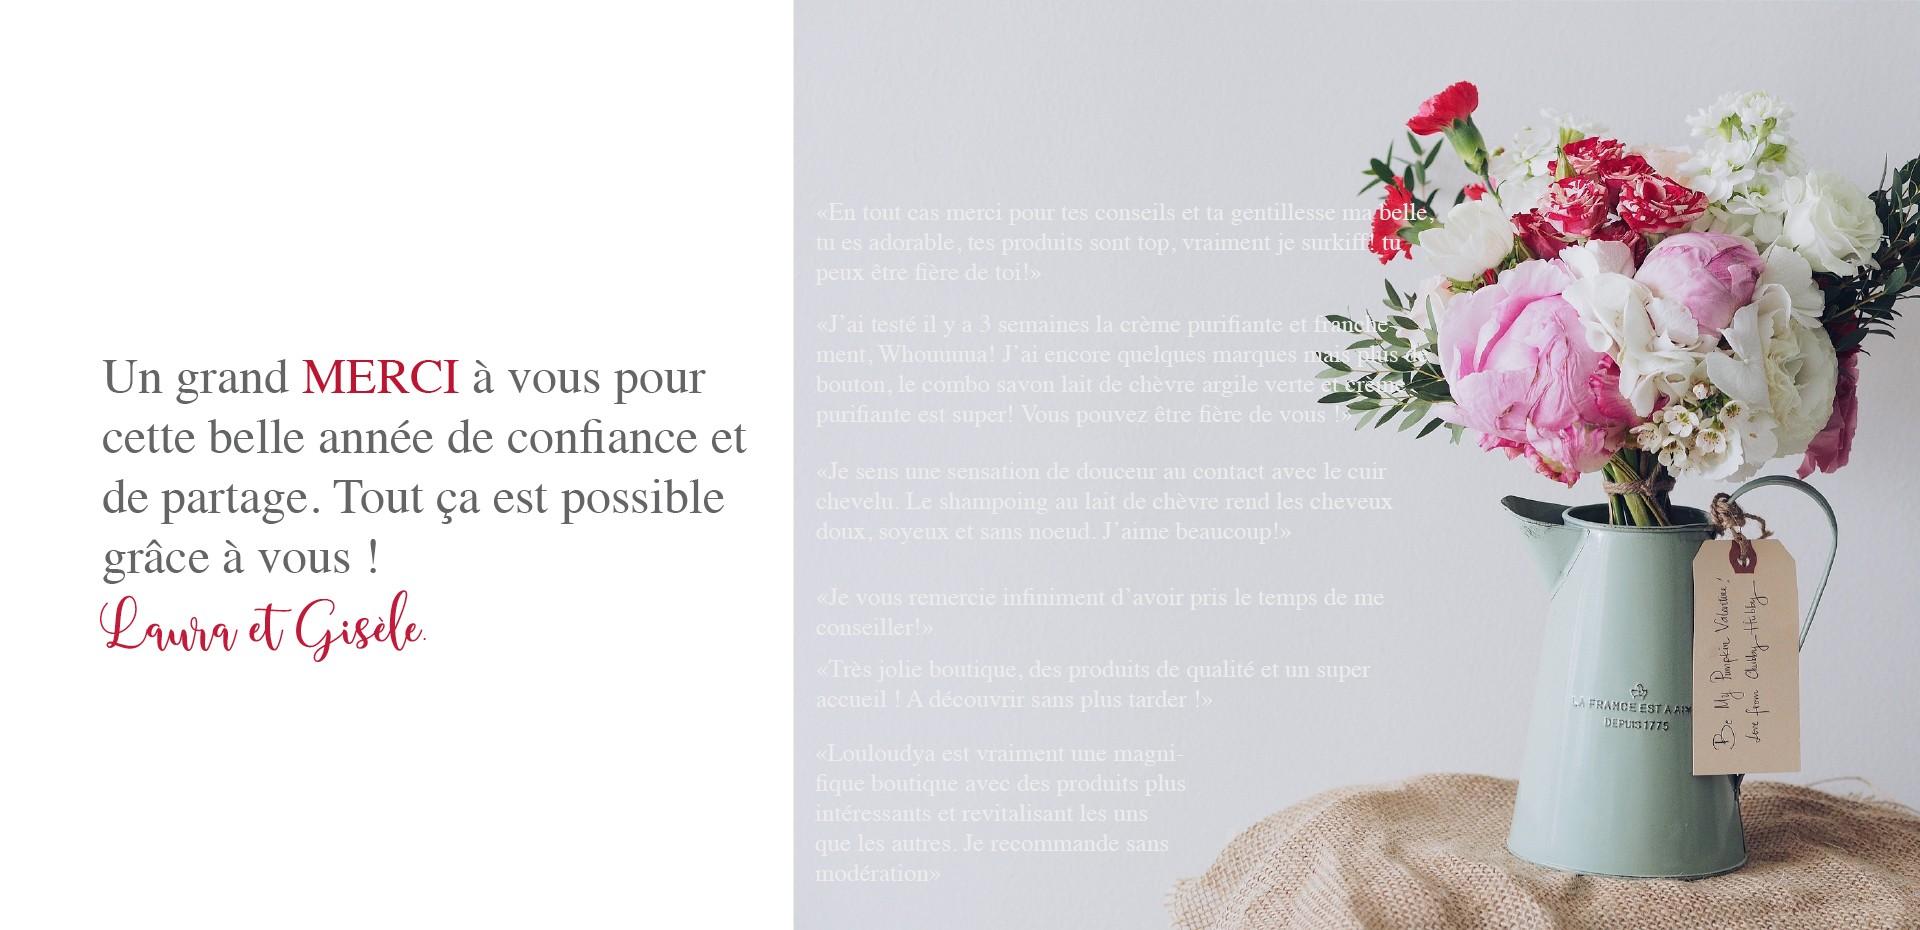 cosmétiques-naturels-crémieu-merci